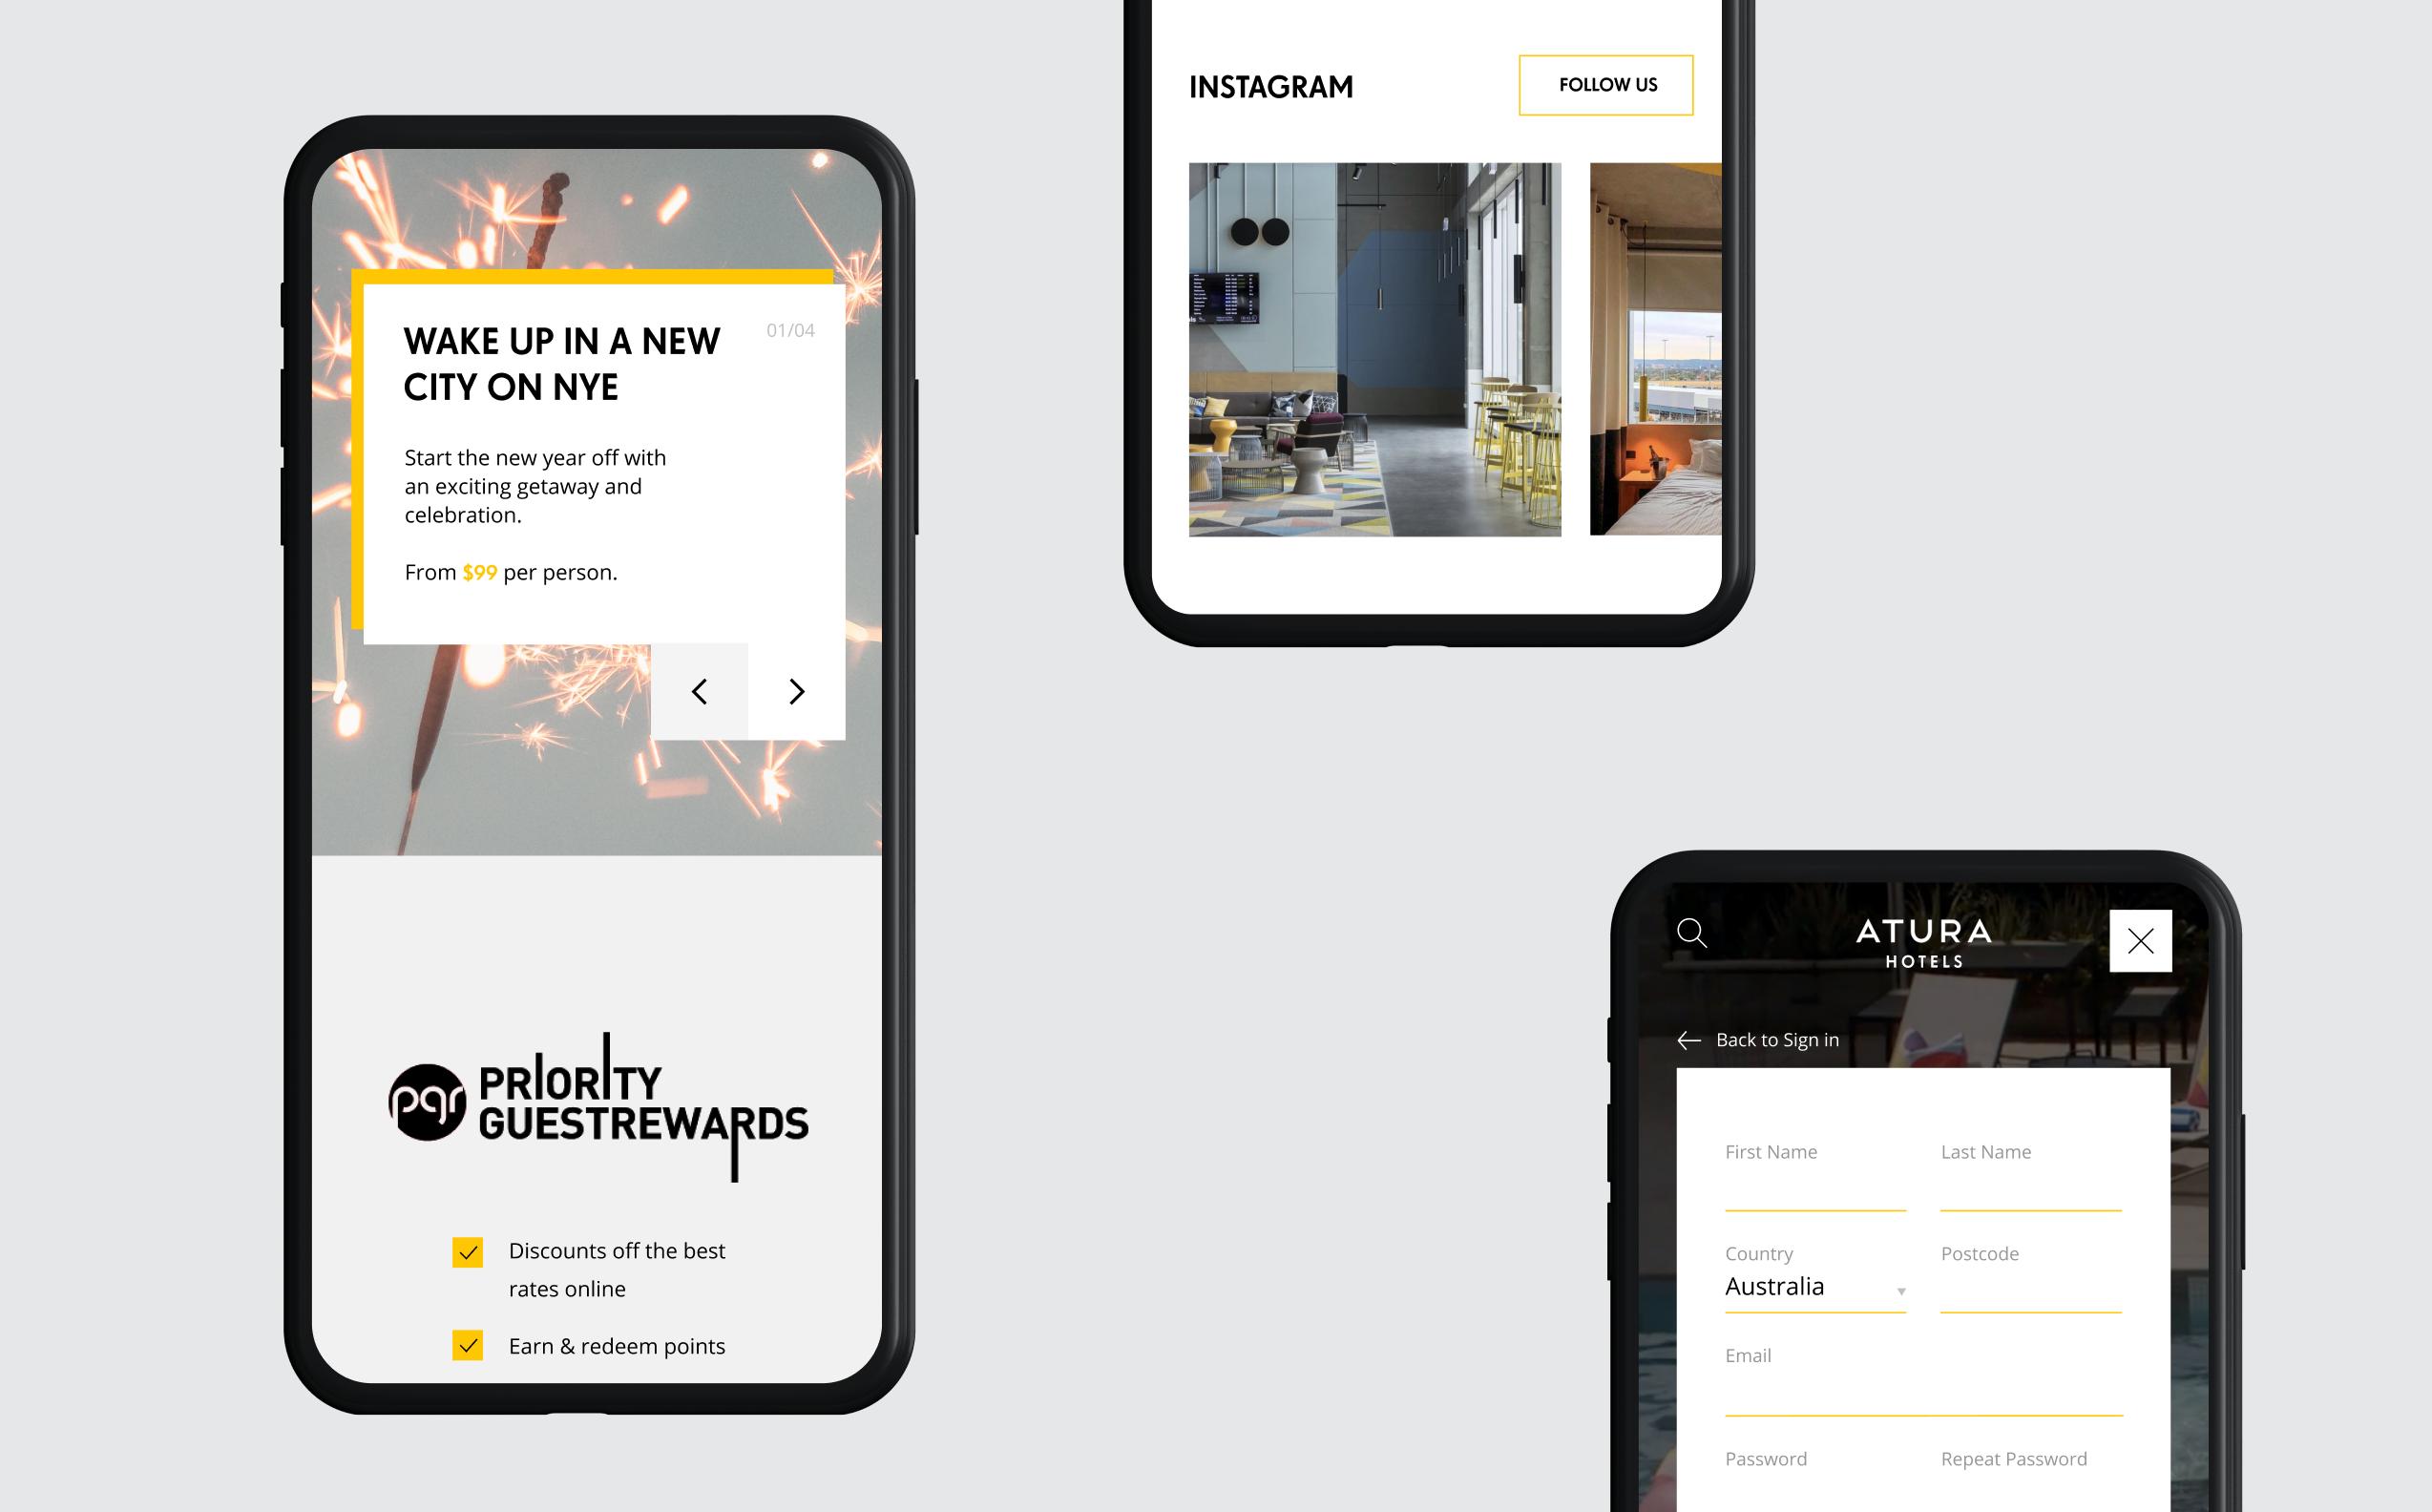 Three mobile website screens showcasing the new EVENT Atura design system